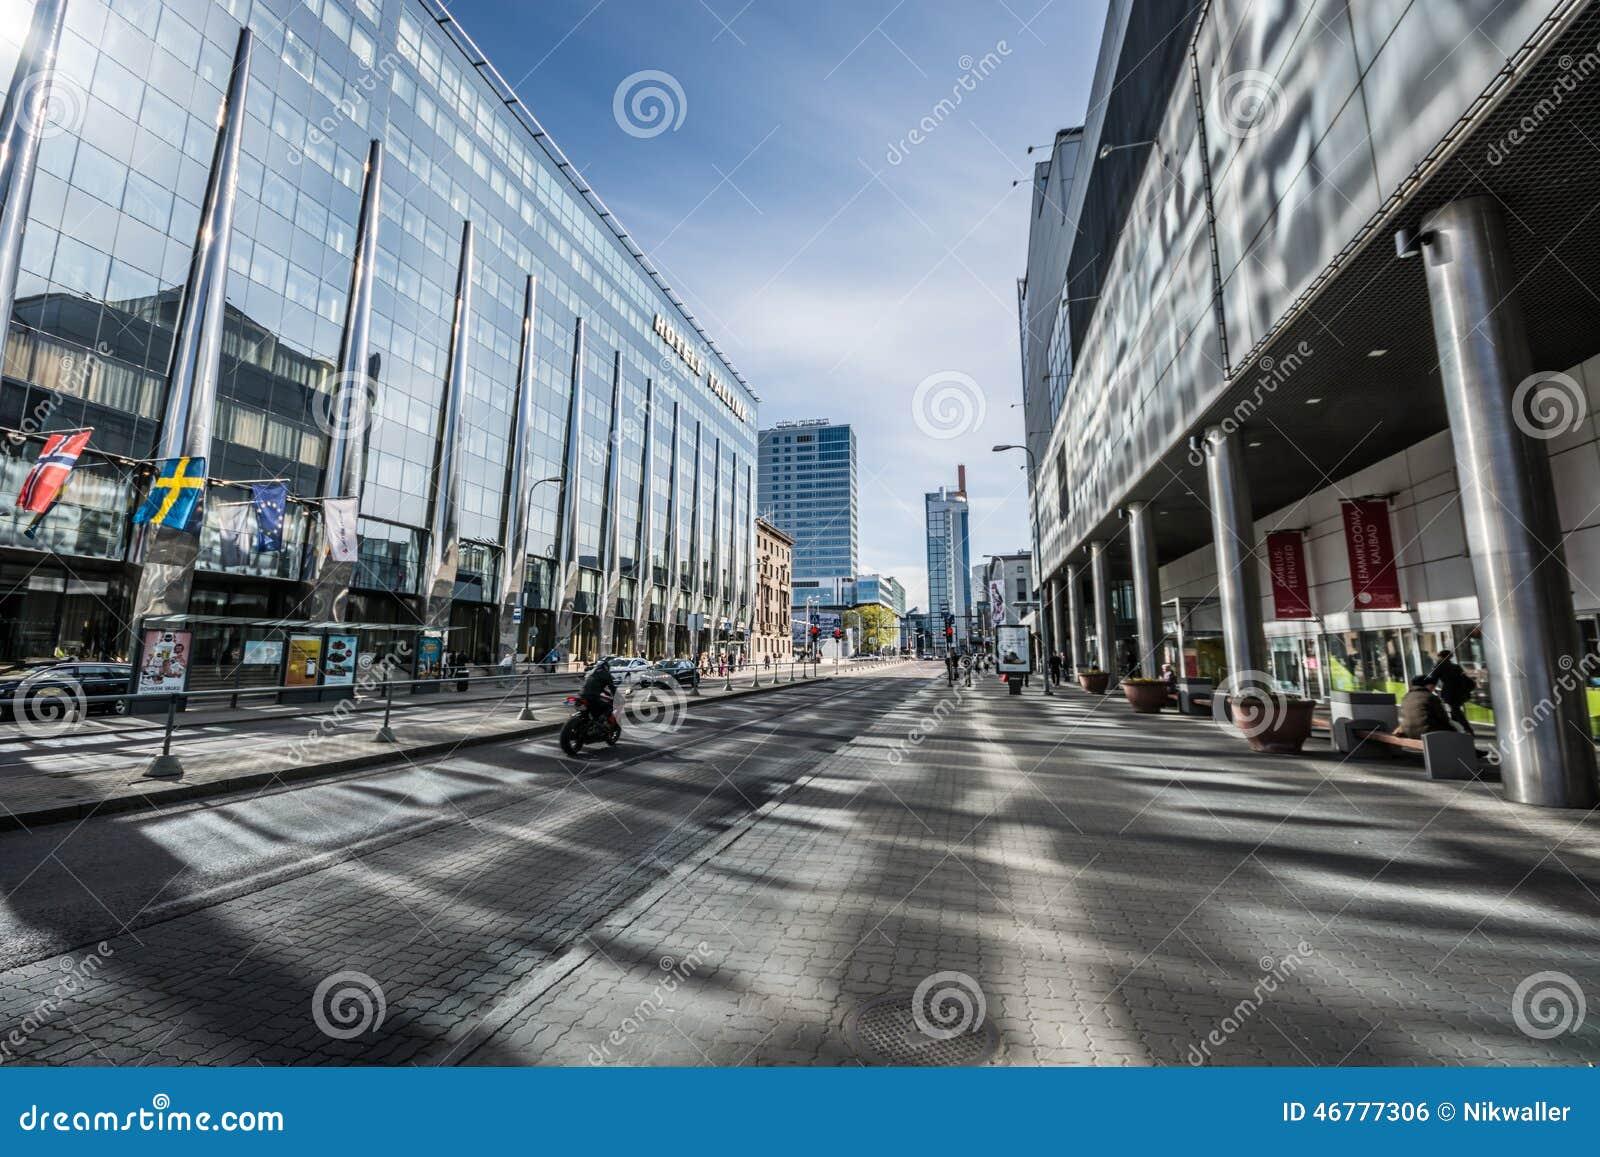 Paysage de ville tallinn estonie photo ditorial image for Paysage de ville